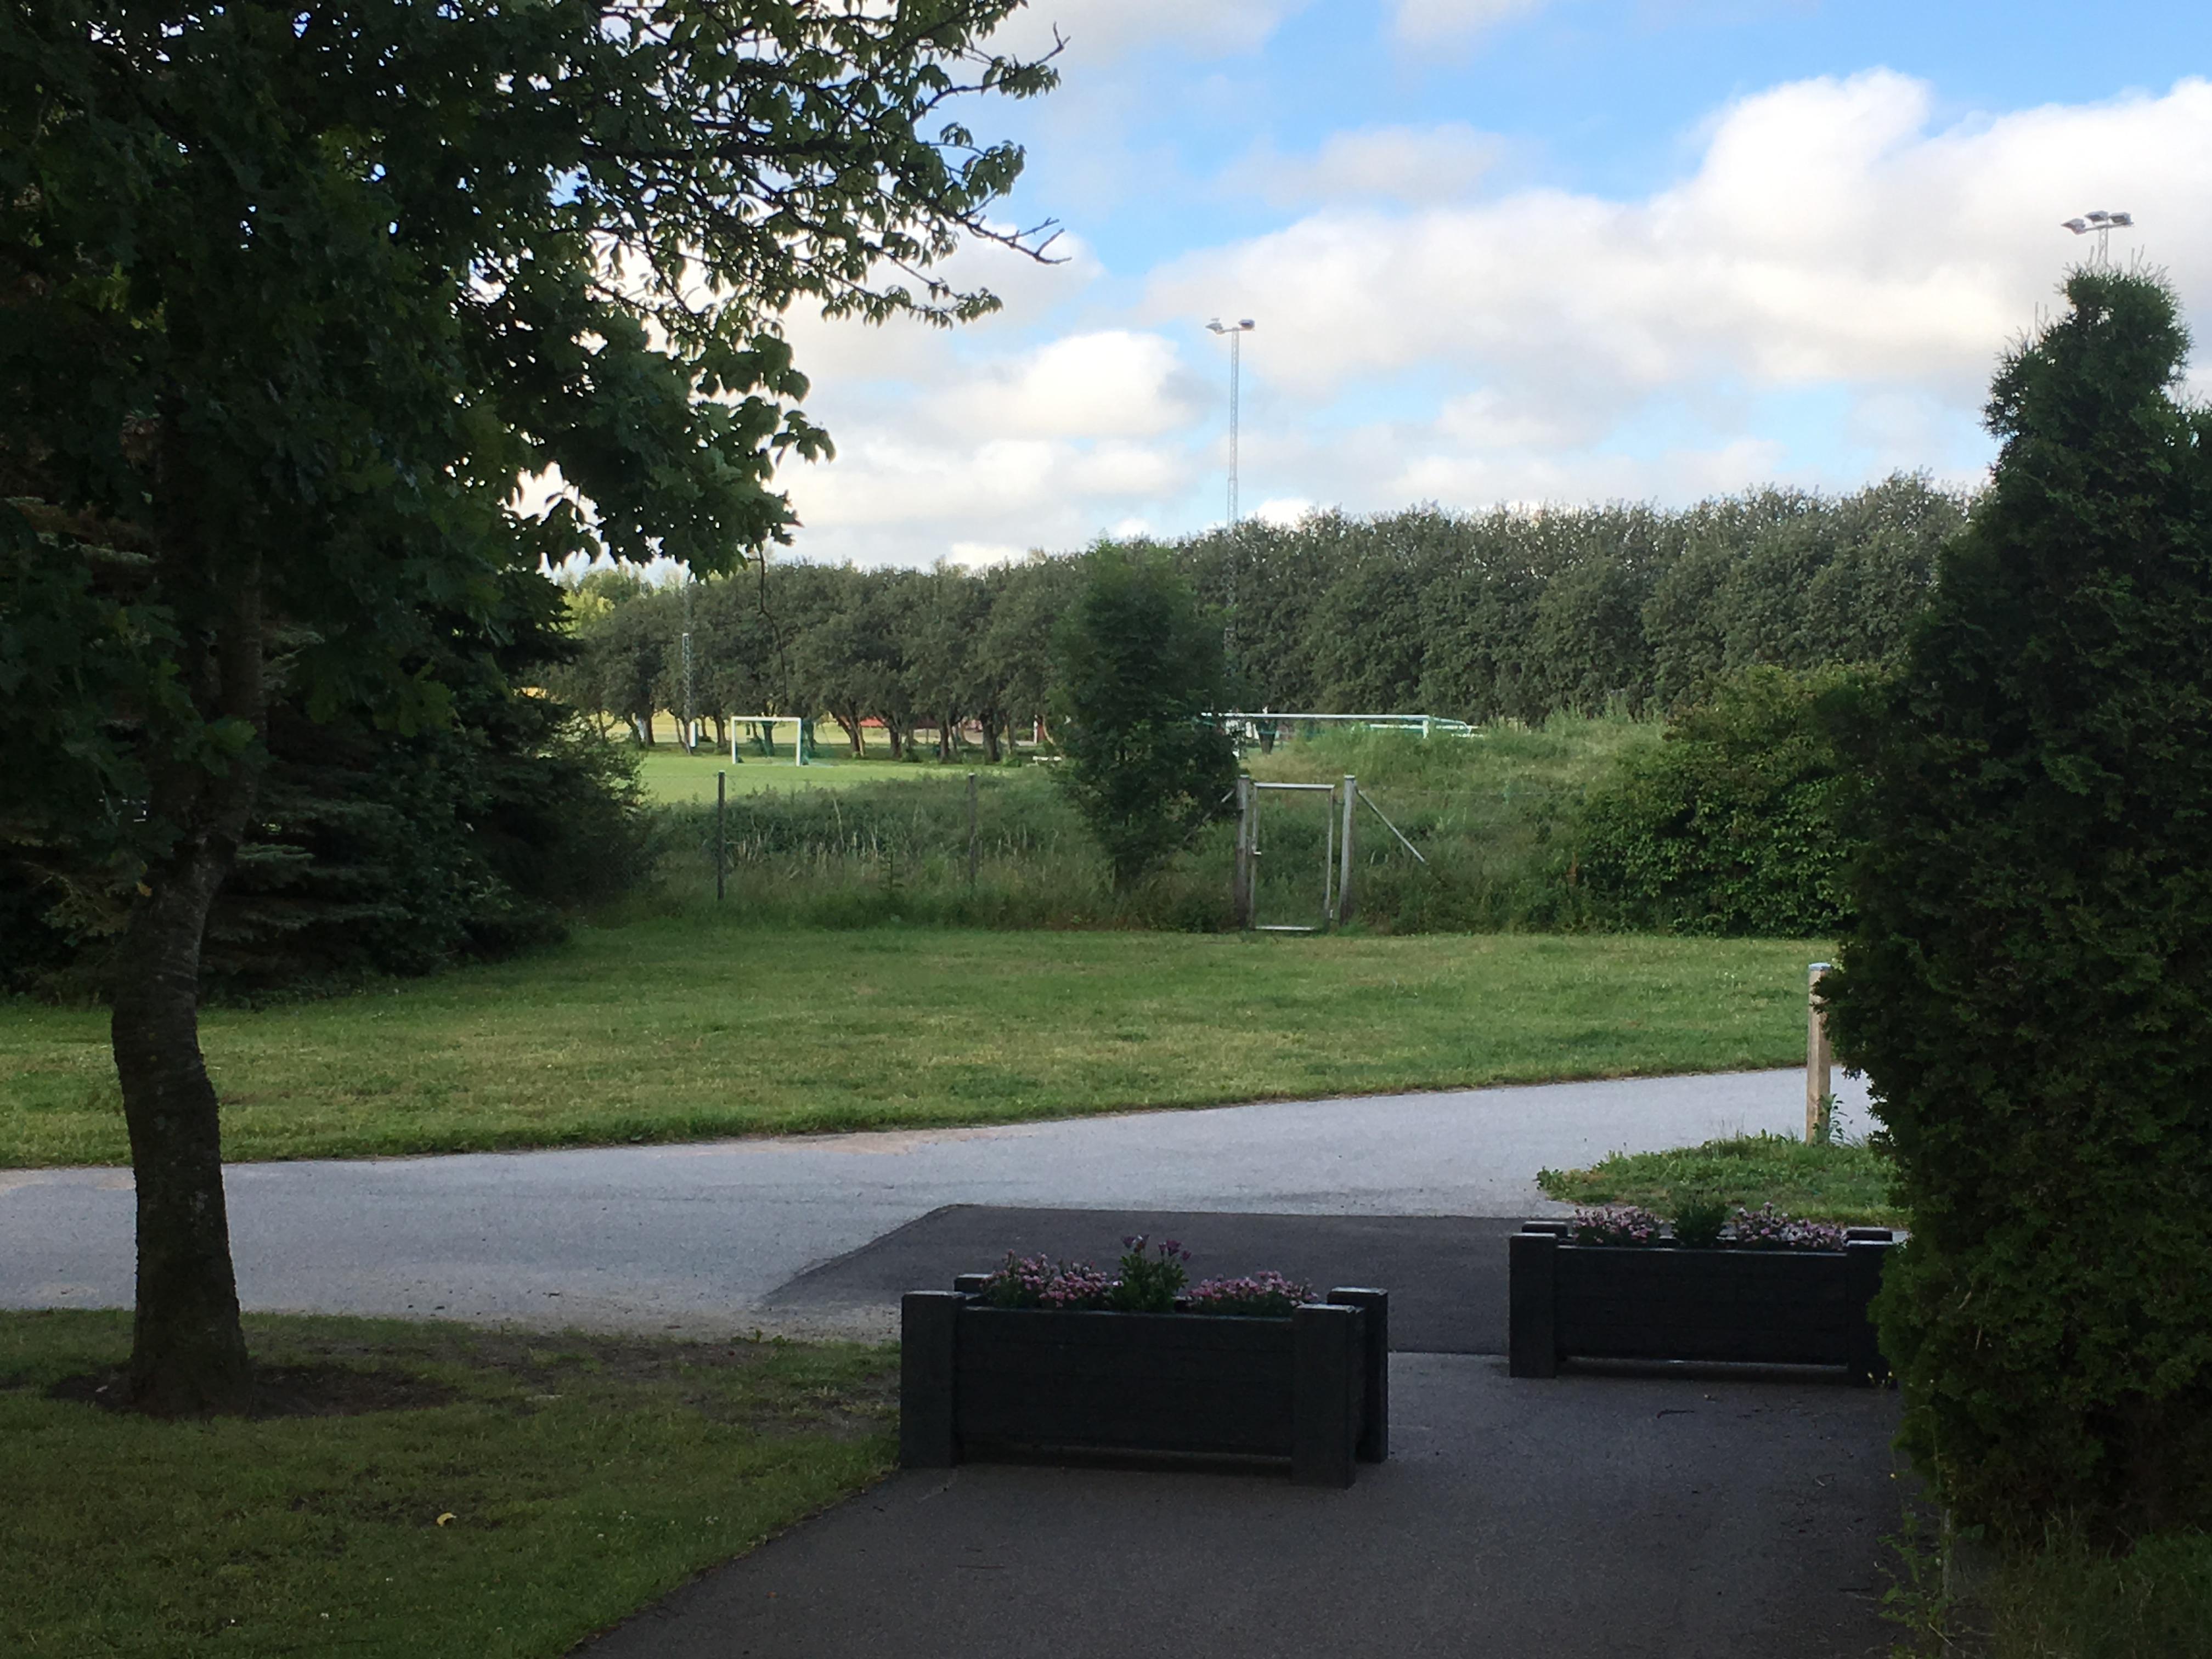 Idrottsplatsen ligger granne med Brf Bogesholm